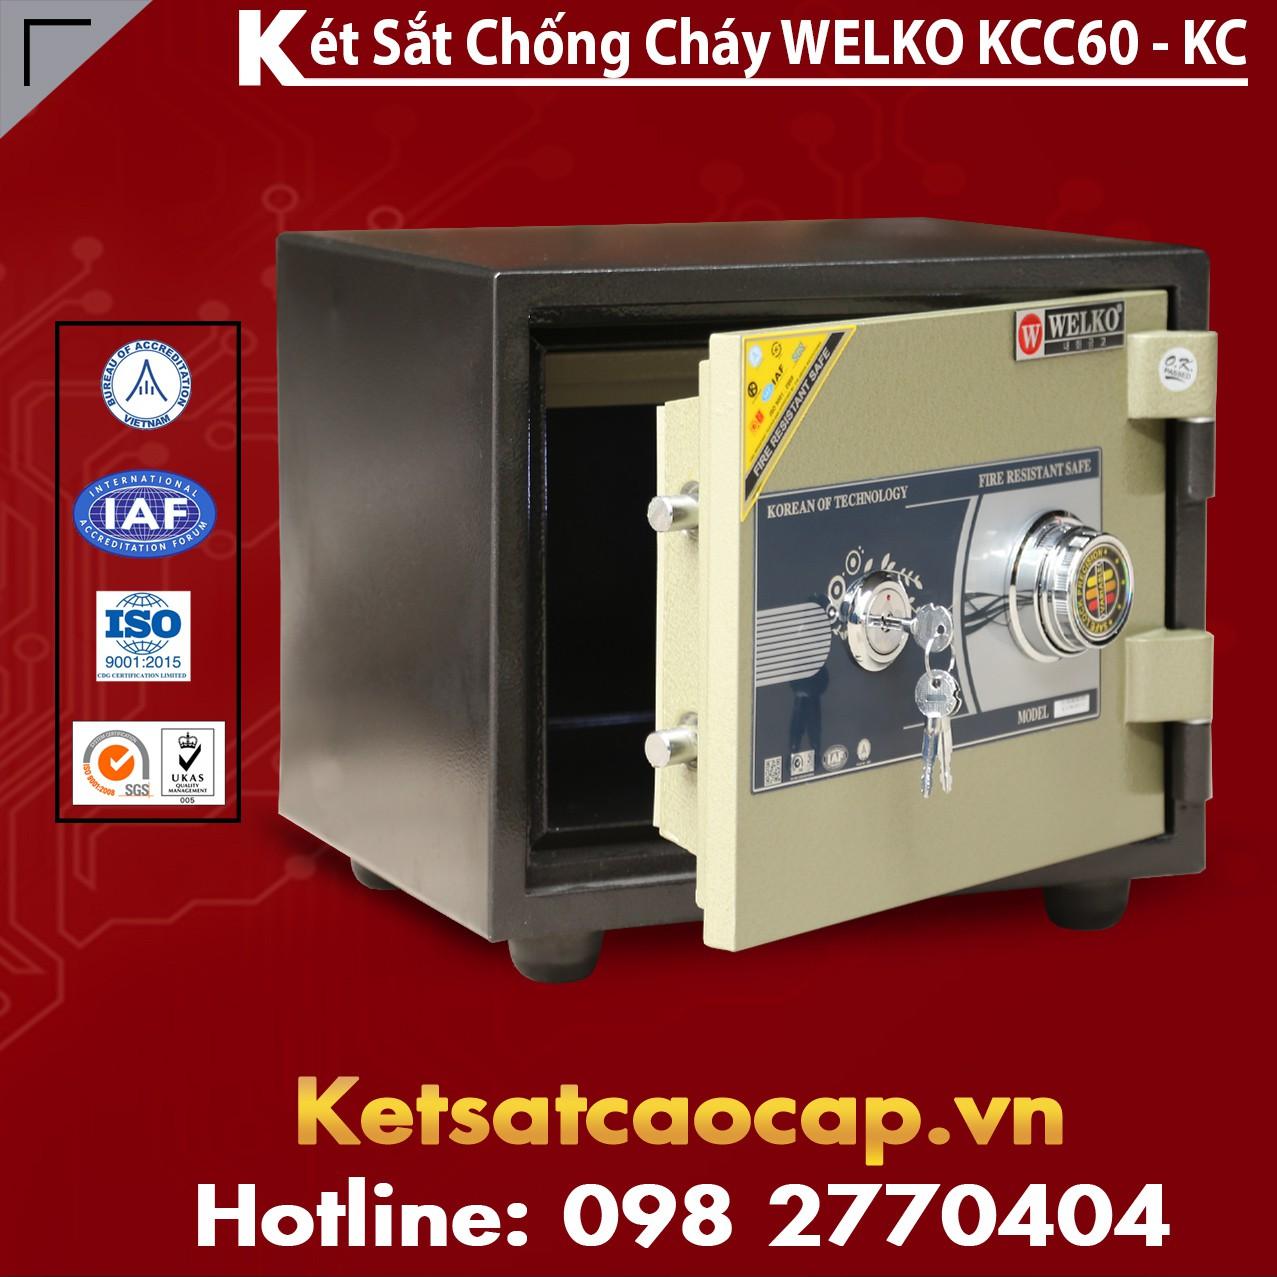 Két Sắt Chống Cháy KCC60 - KC